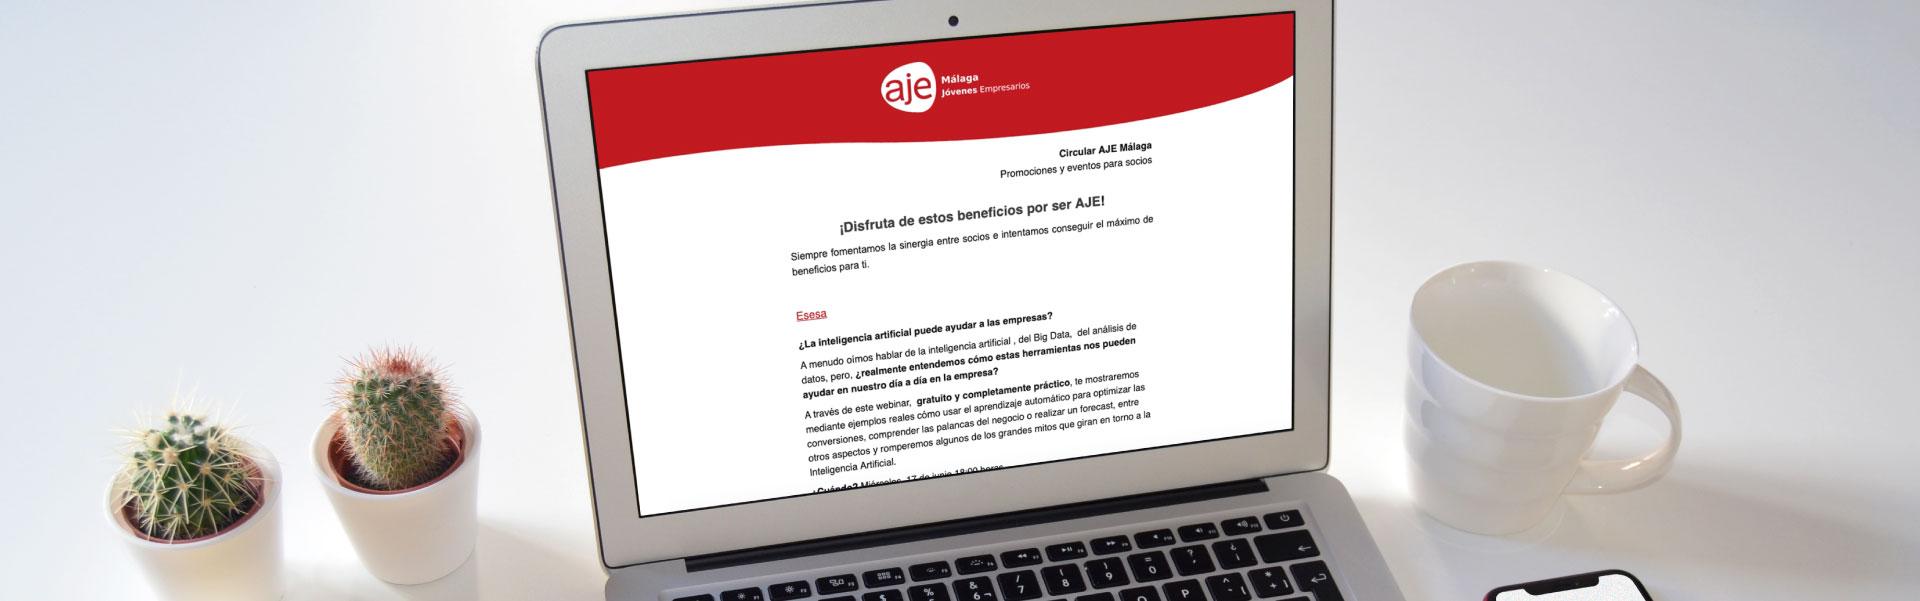 Diseño de newsletter para AJE Málaga - SOYTUTIPO